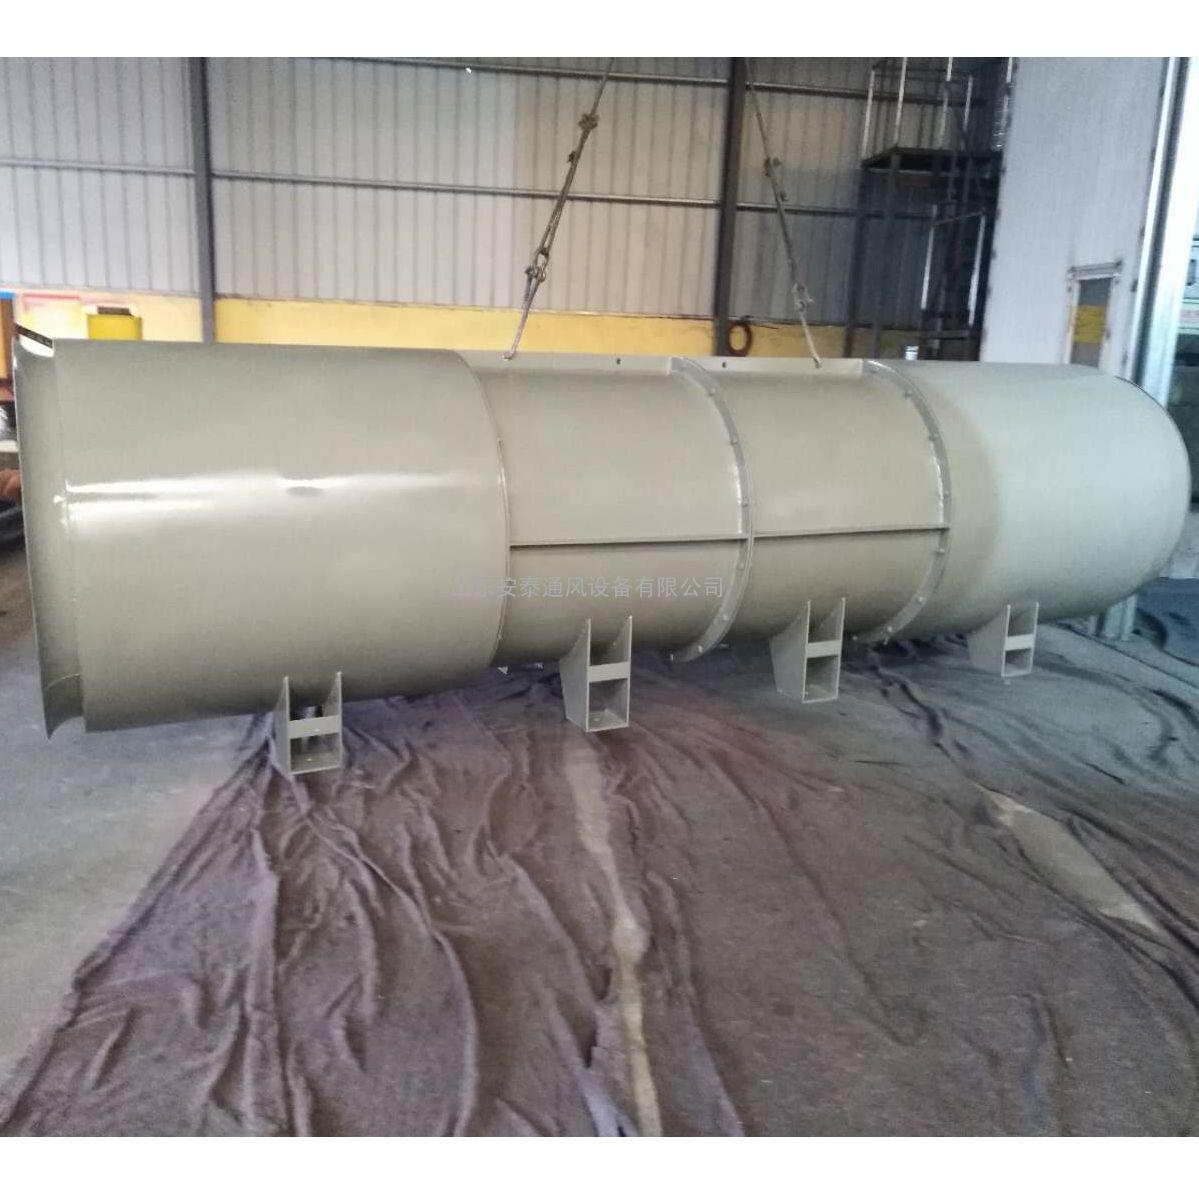 专业隧道风机制造厂家 SDF隧道施工风机